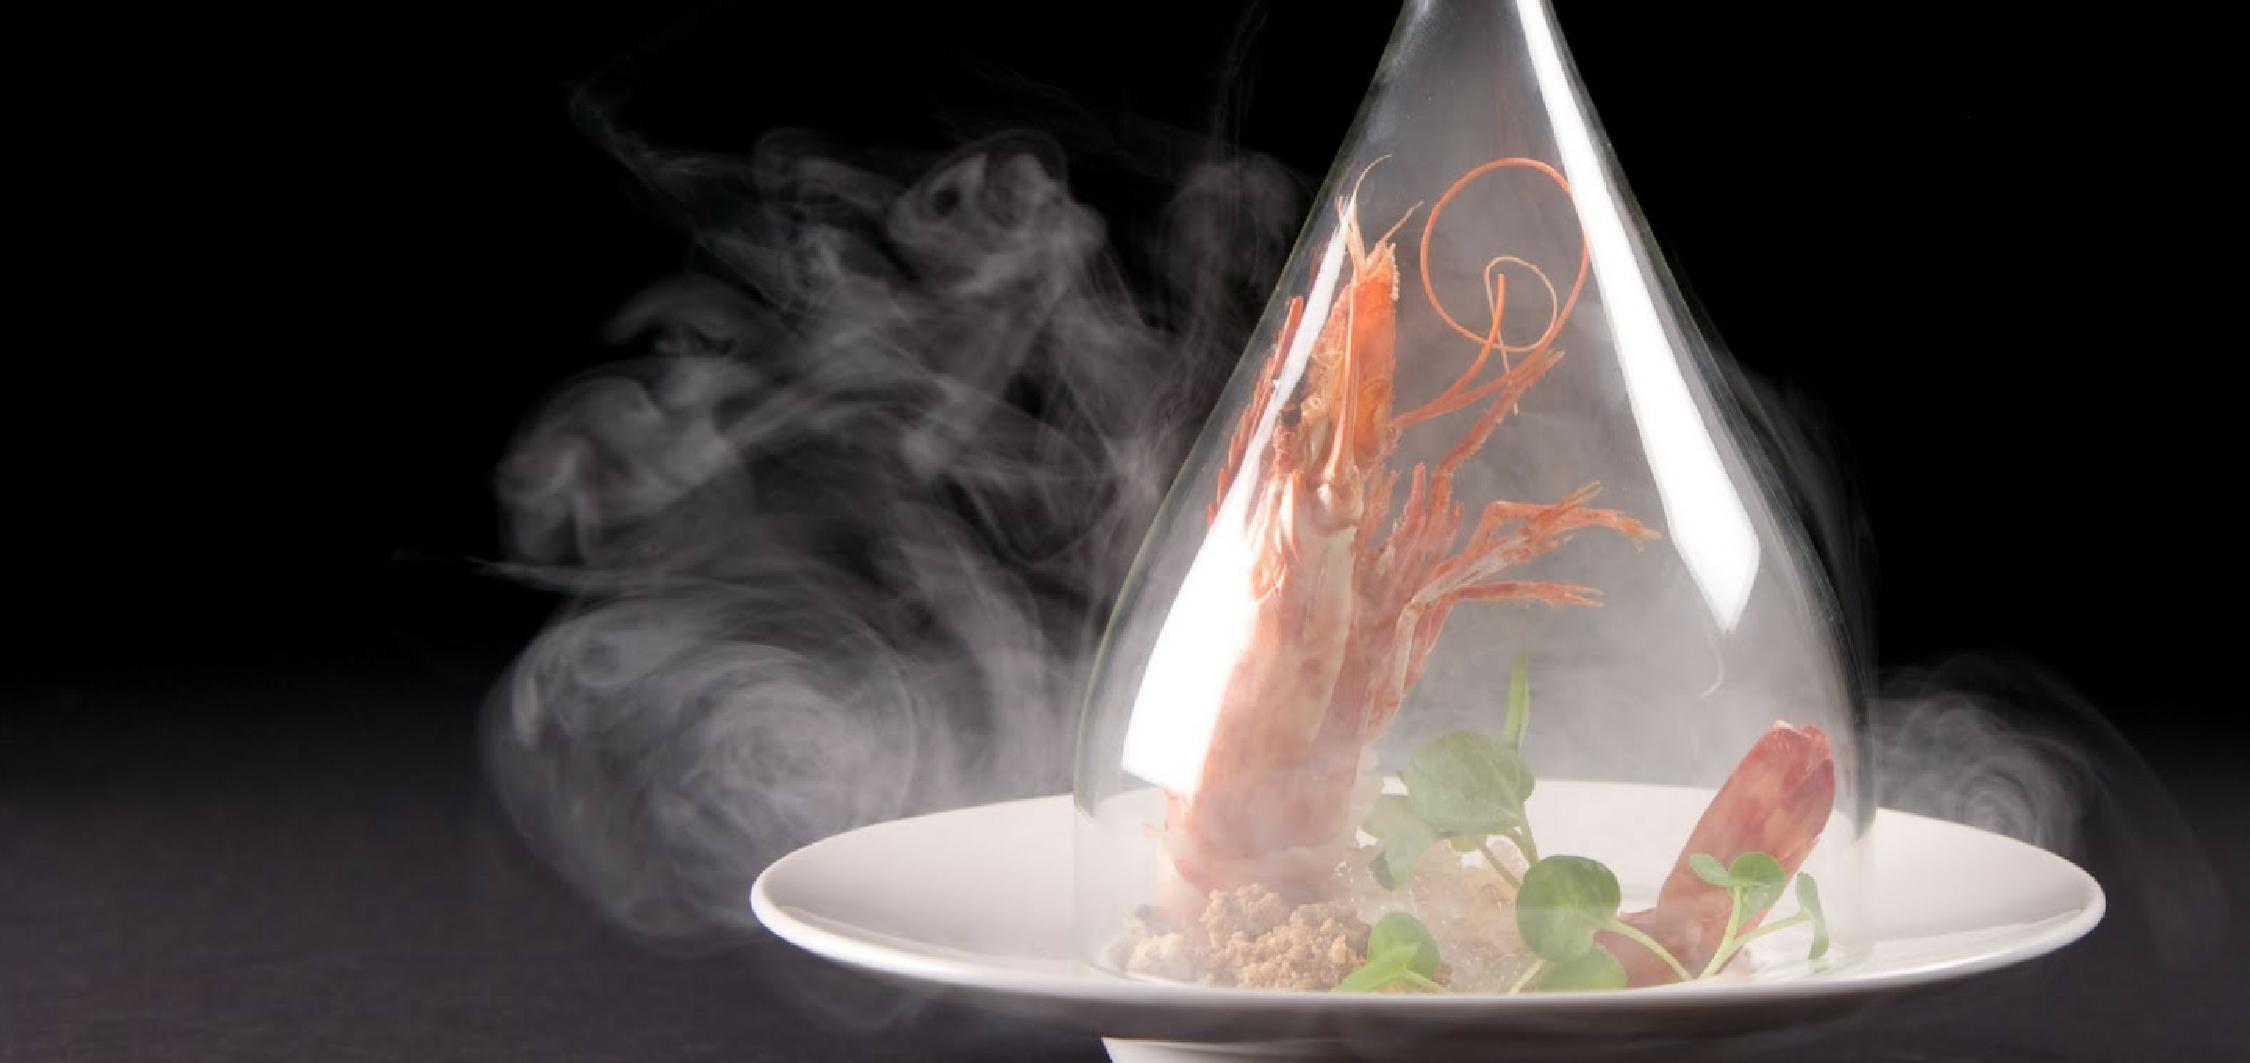 Conoce las 7 t cnicas m s comunes de la gastronom a molecular for Tecnicas de alta cocina